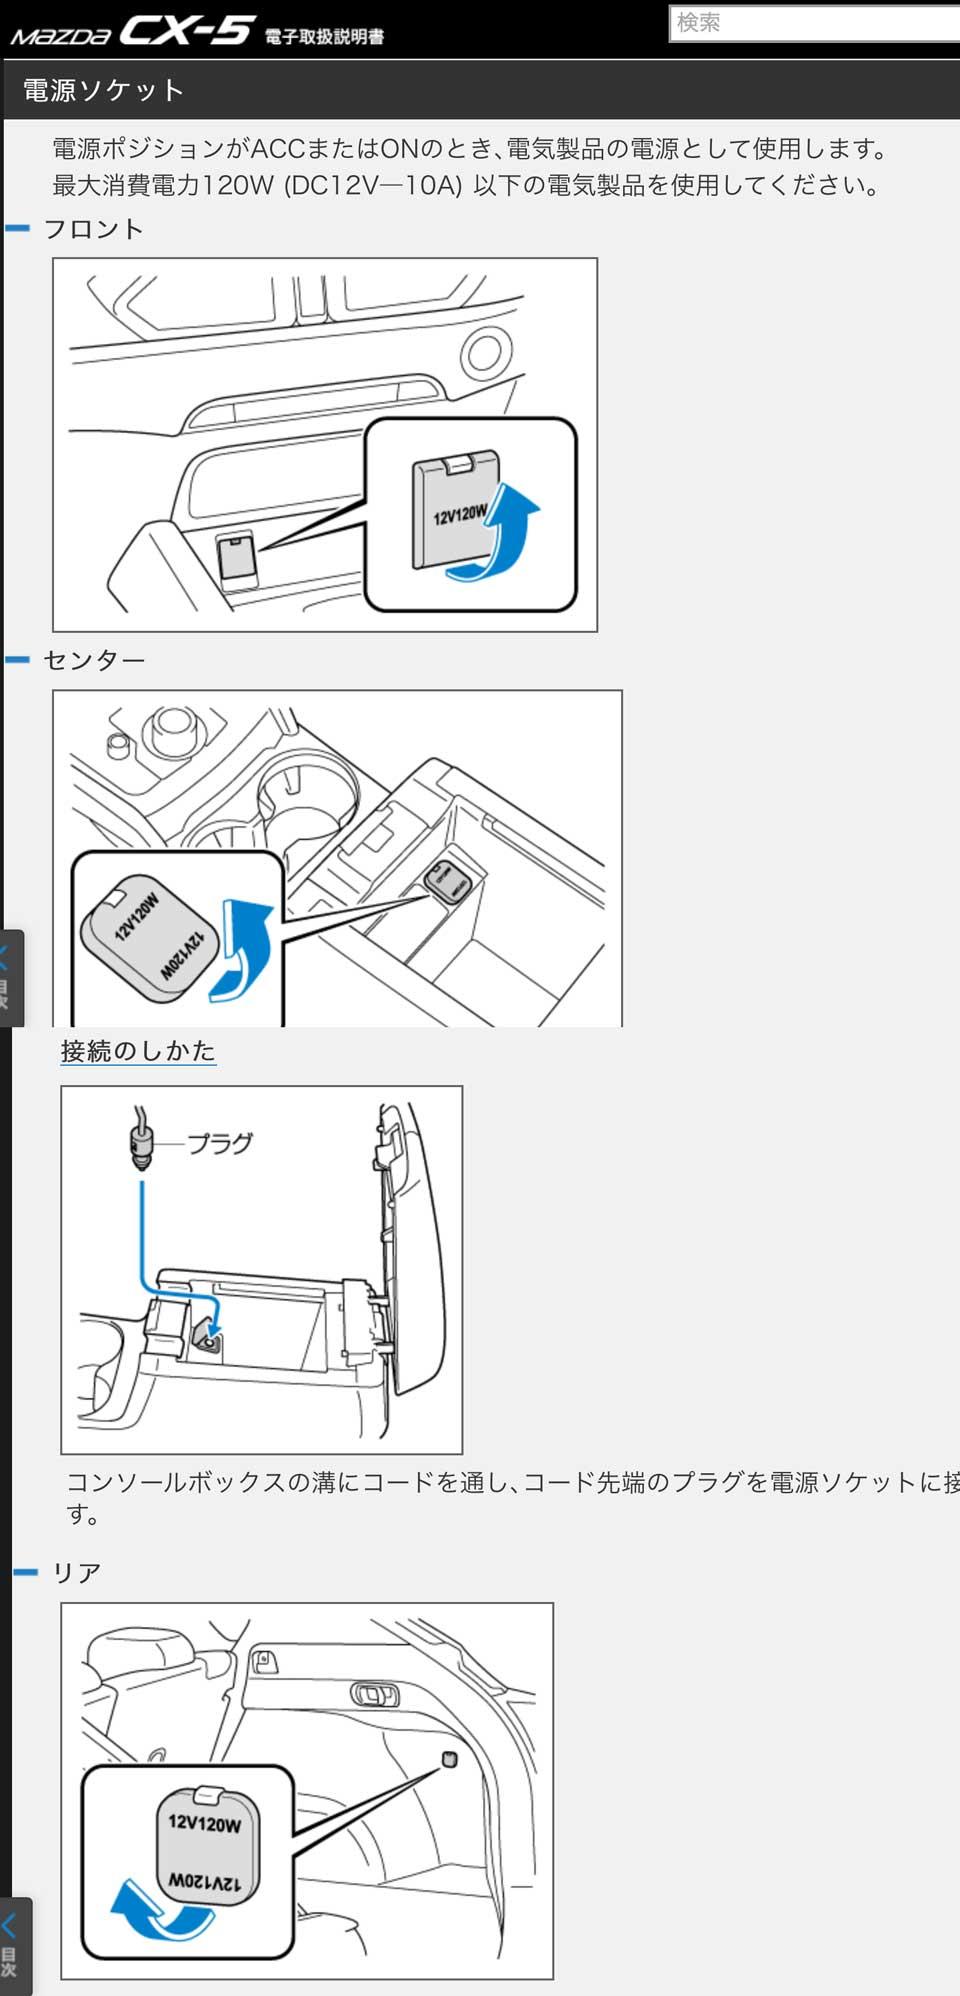 CX-8オーナー悲報!CX-5にはある快適装備がCX8には省かれているので注意点をまとめた! cx-5_cx5_cigarette-lighter-socket